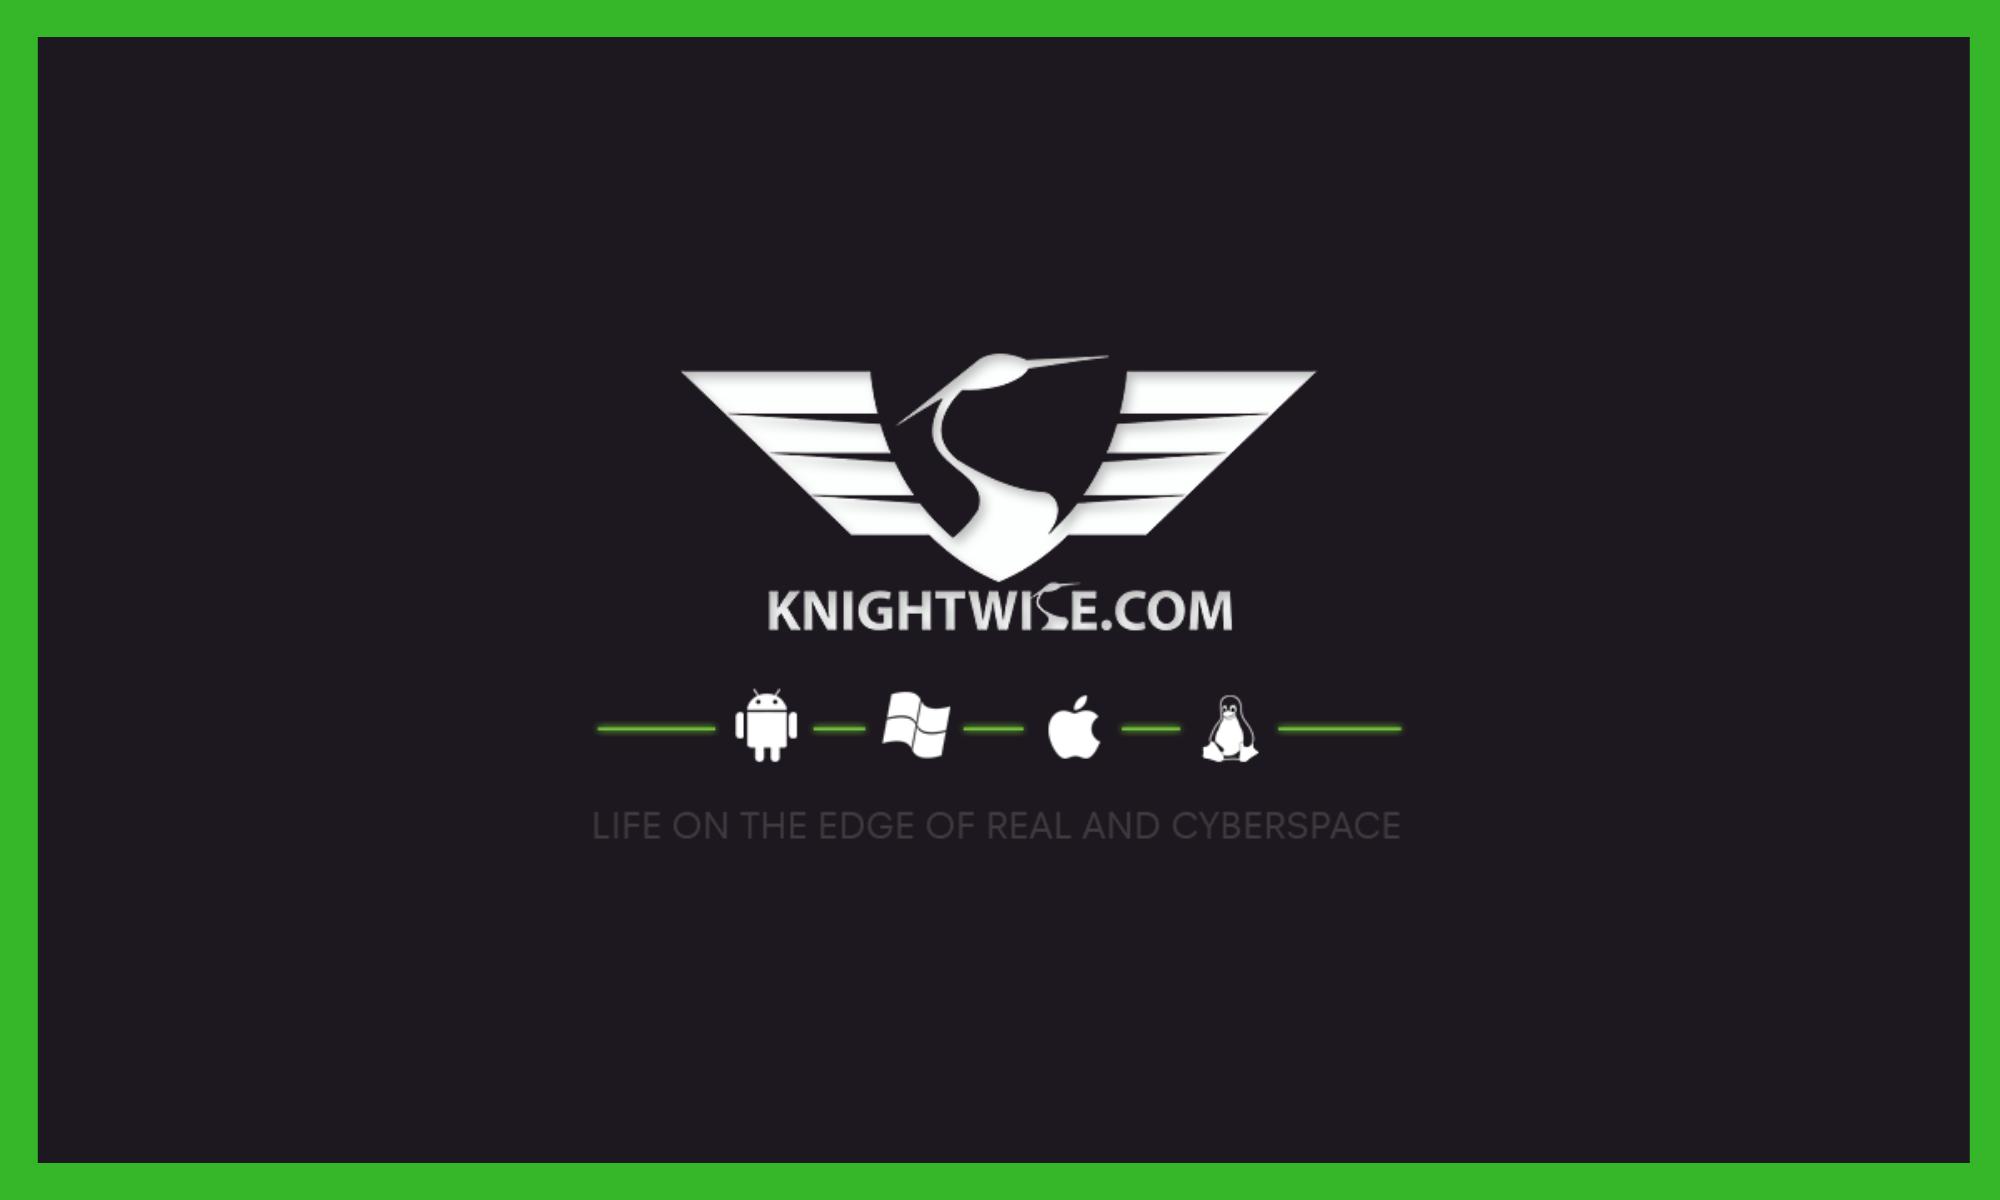 Knightwise com – Hacks Tips and Tweaks for Cross Platform Geeks